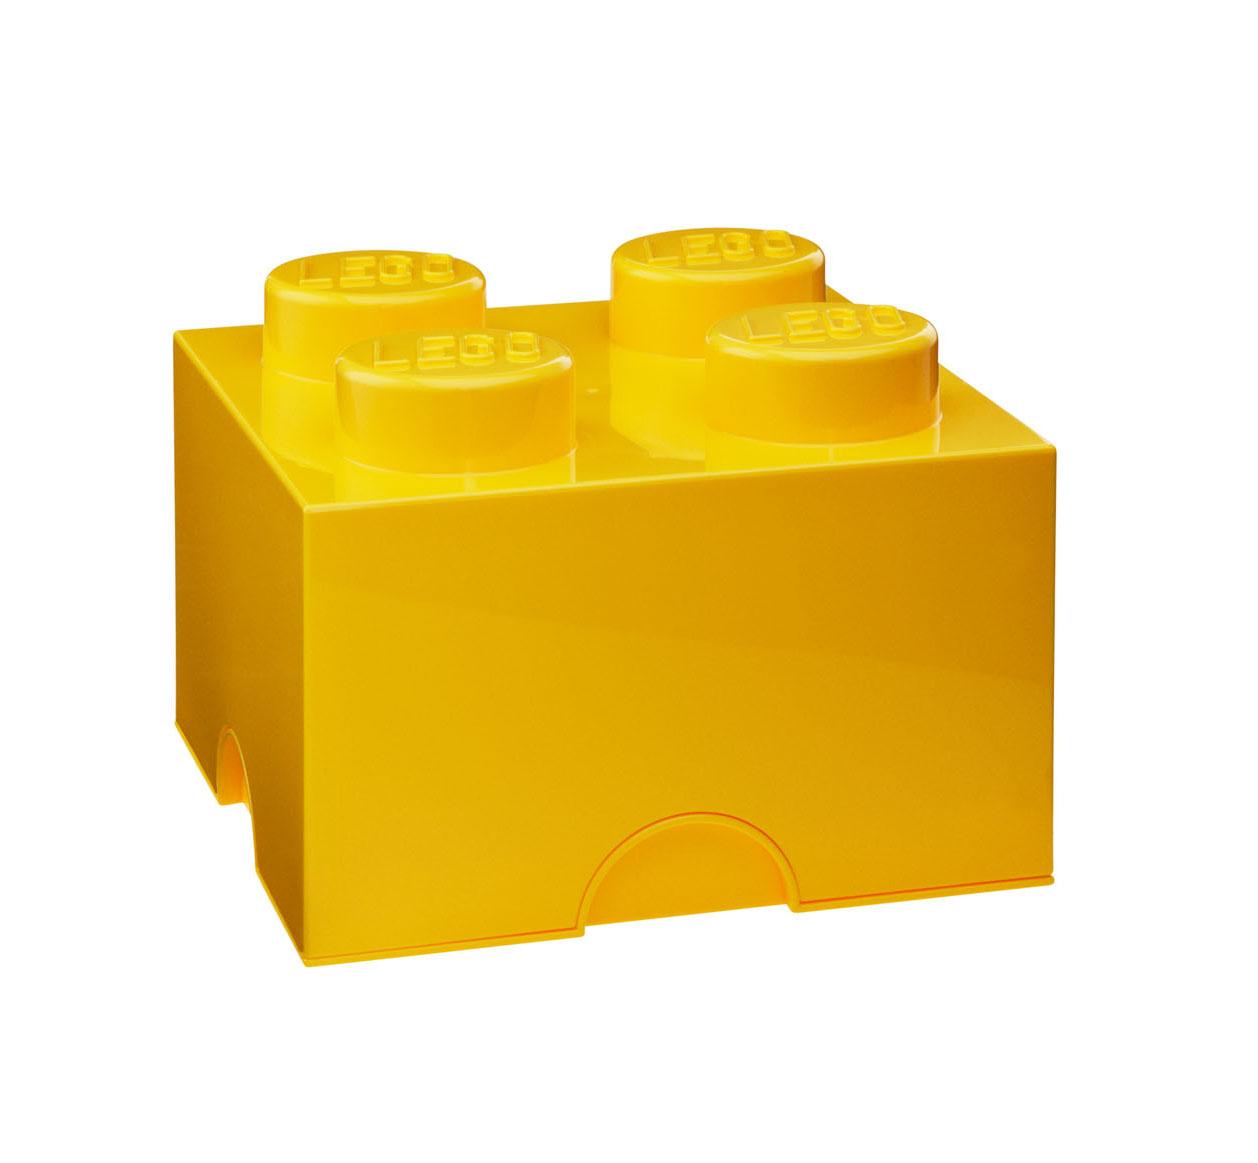 Lot de 6 boites de rangement Lego jaune 4 plots